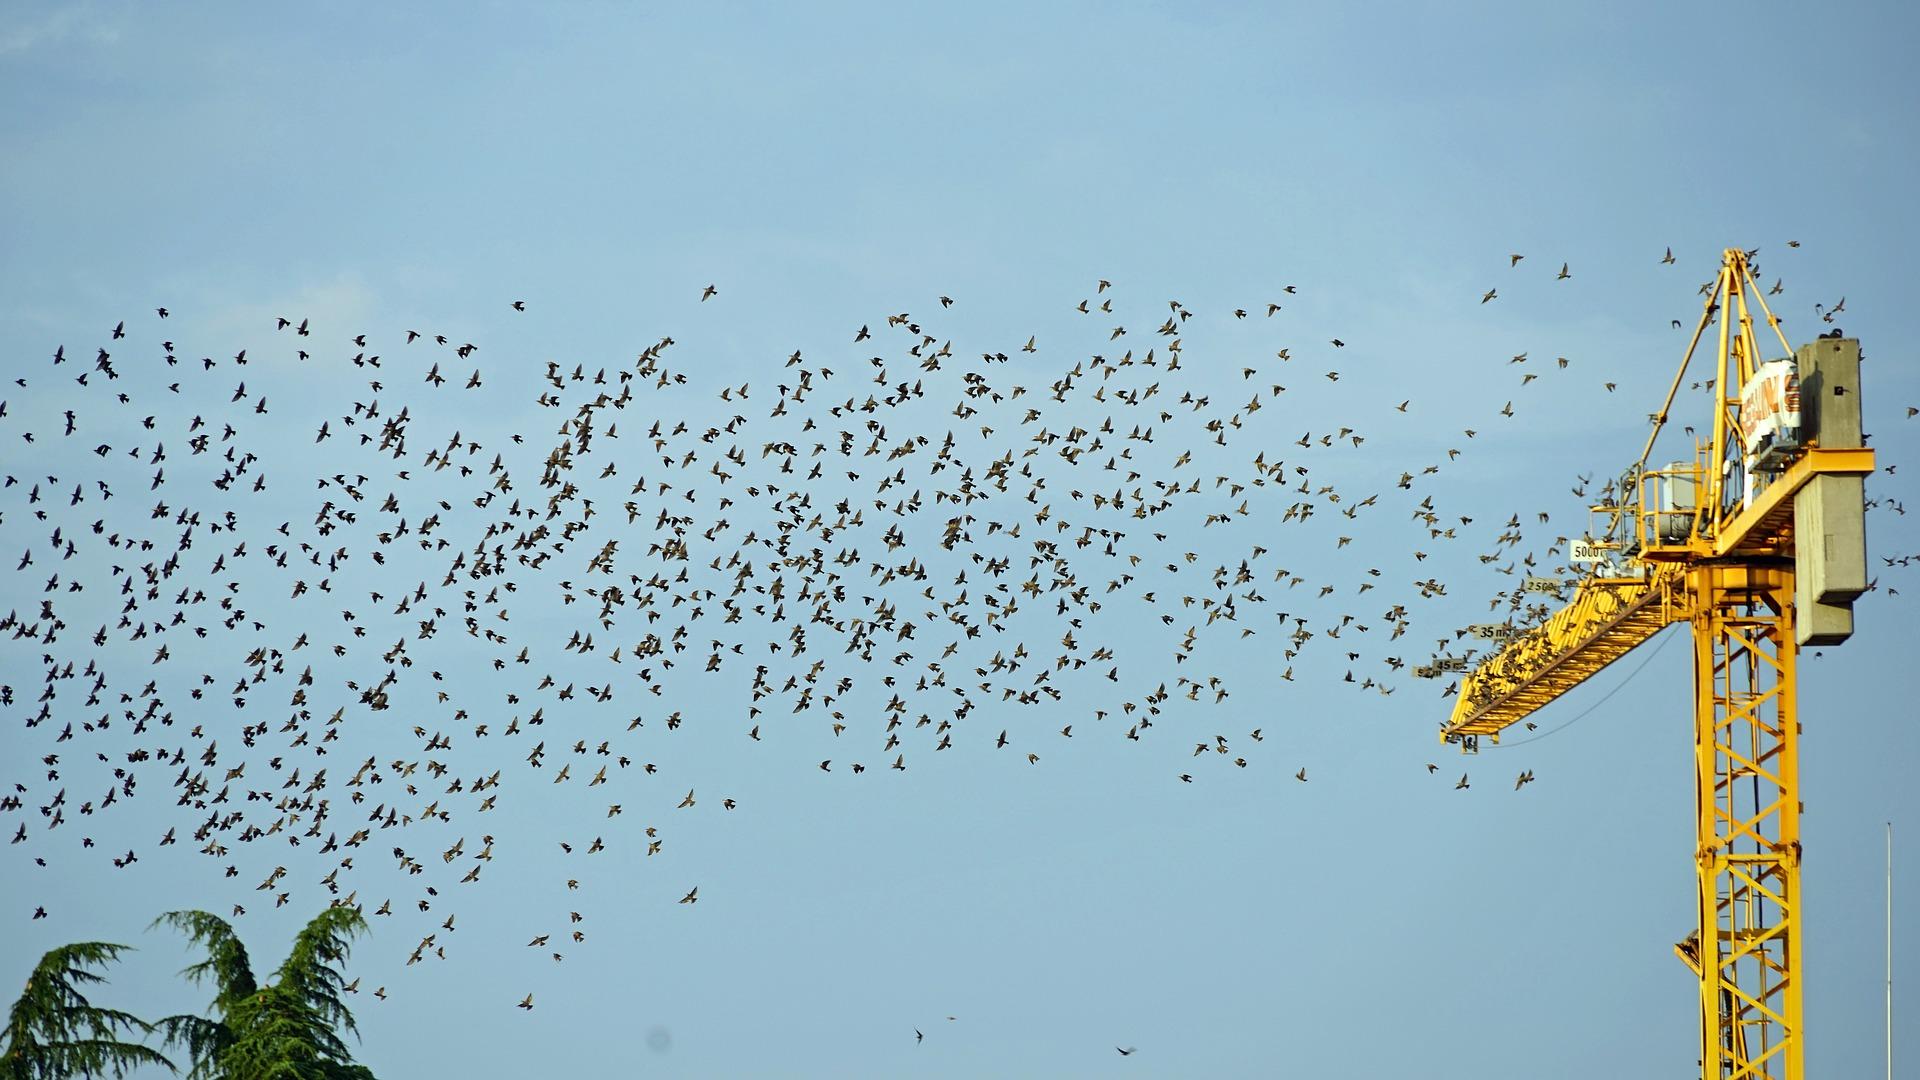 MaxPixel.freegreatpicture.com-Fly-Flock-Of-Birds-Crane-Bird-Migration-2147788